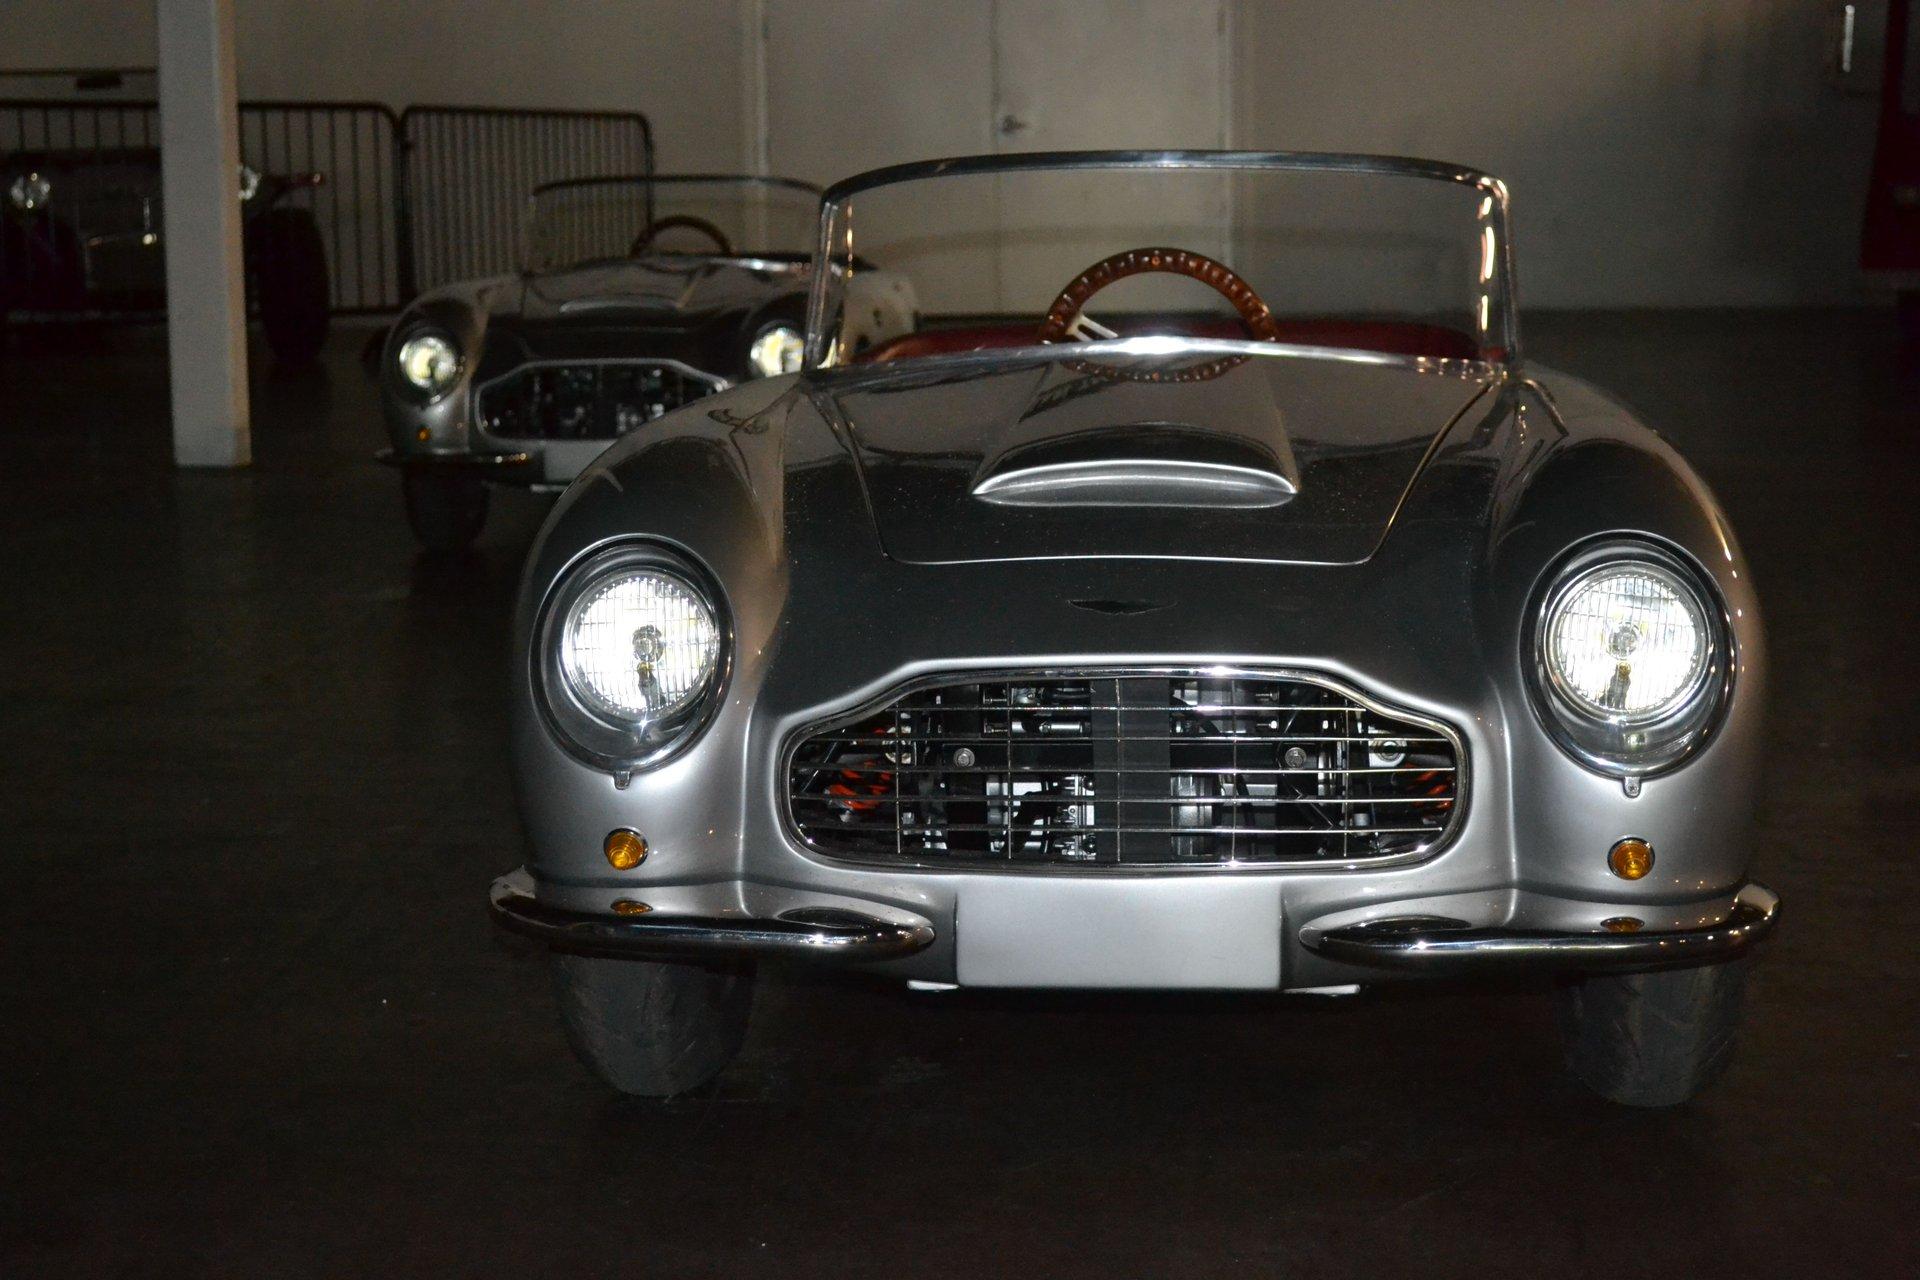 Db5 toy car